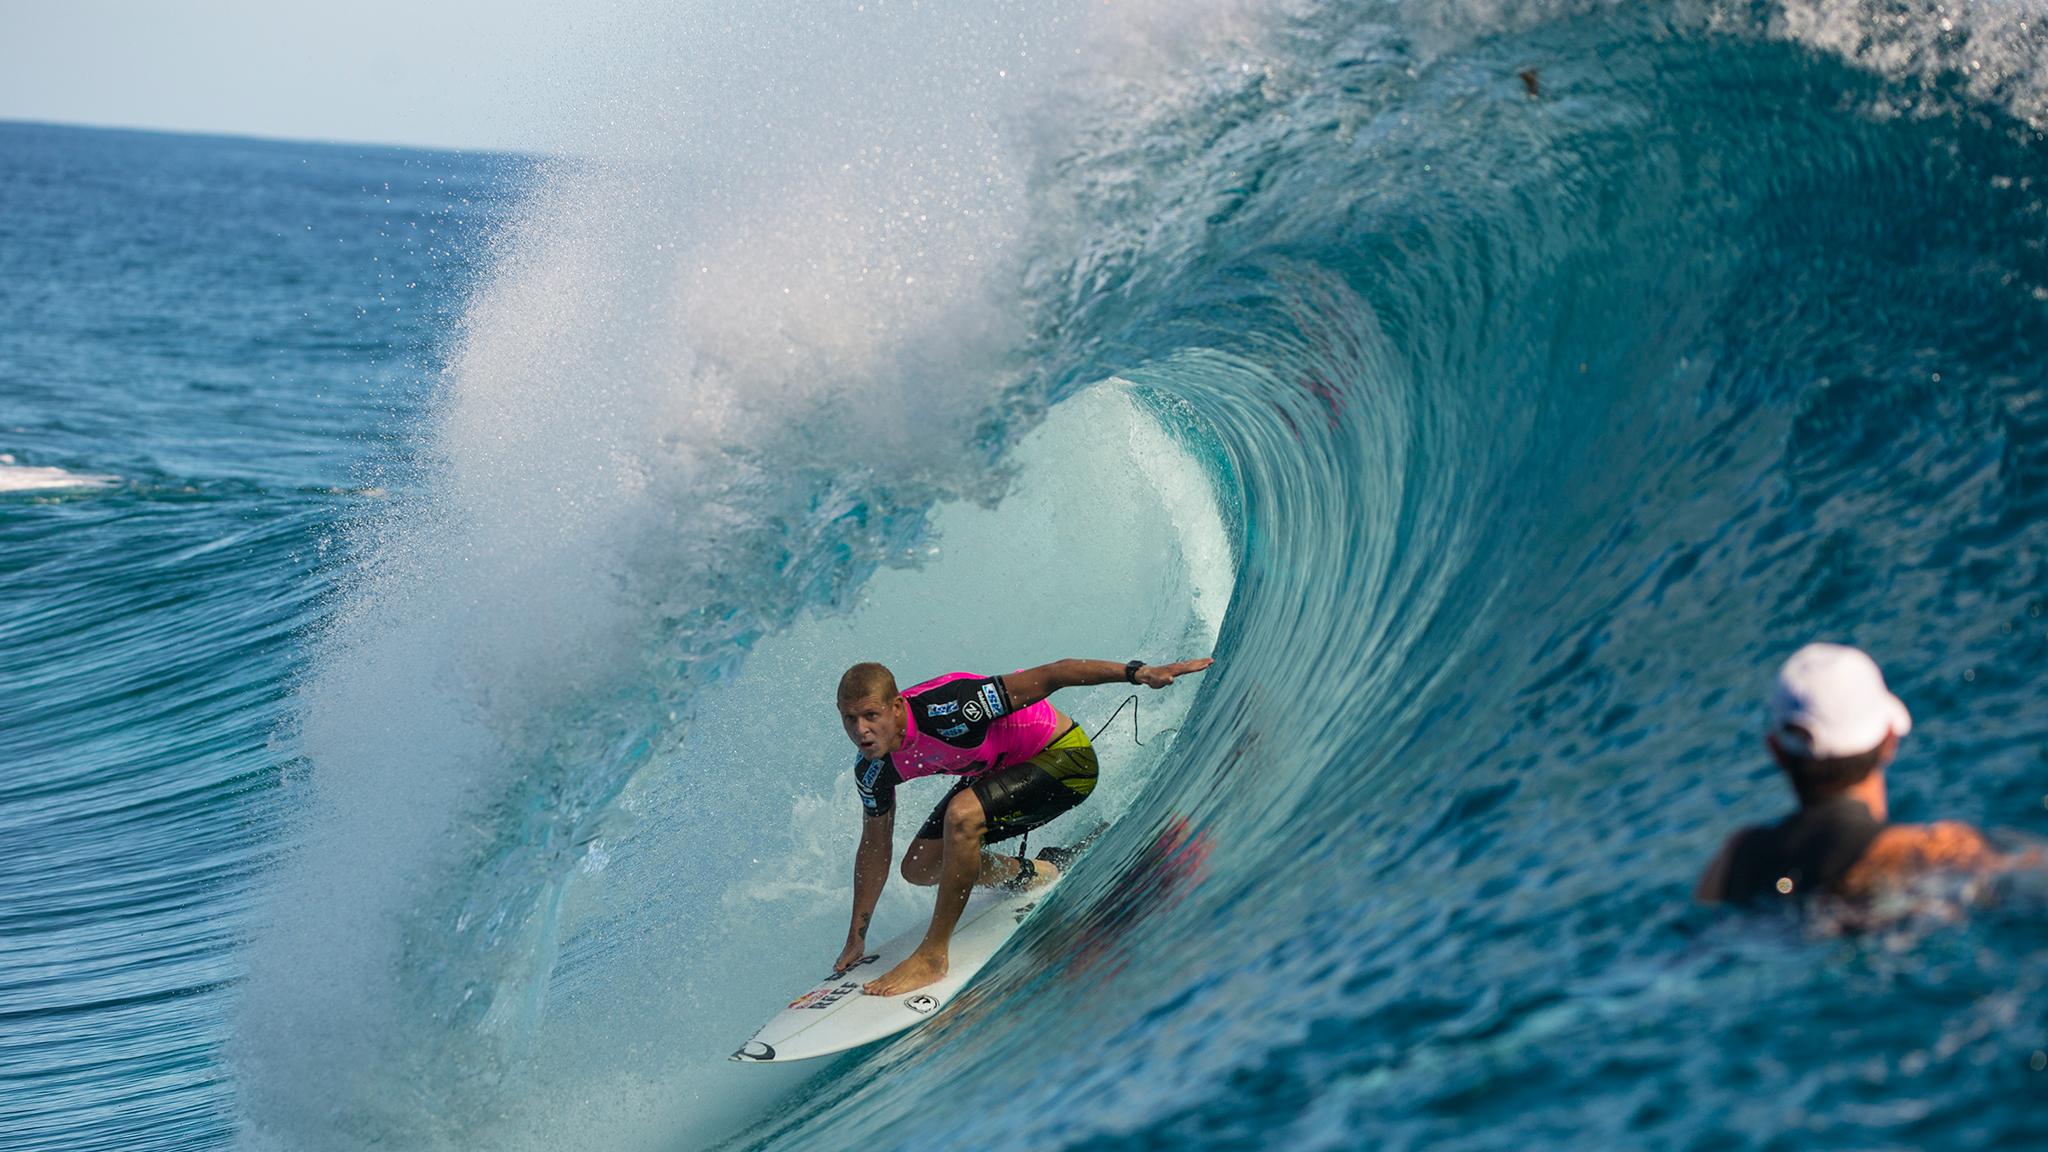 Billabong Pro Tahiti, Aug. 15-26